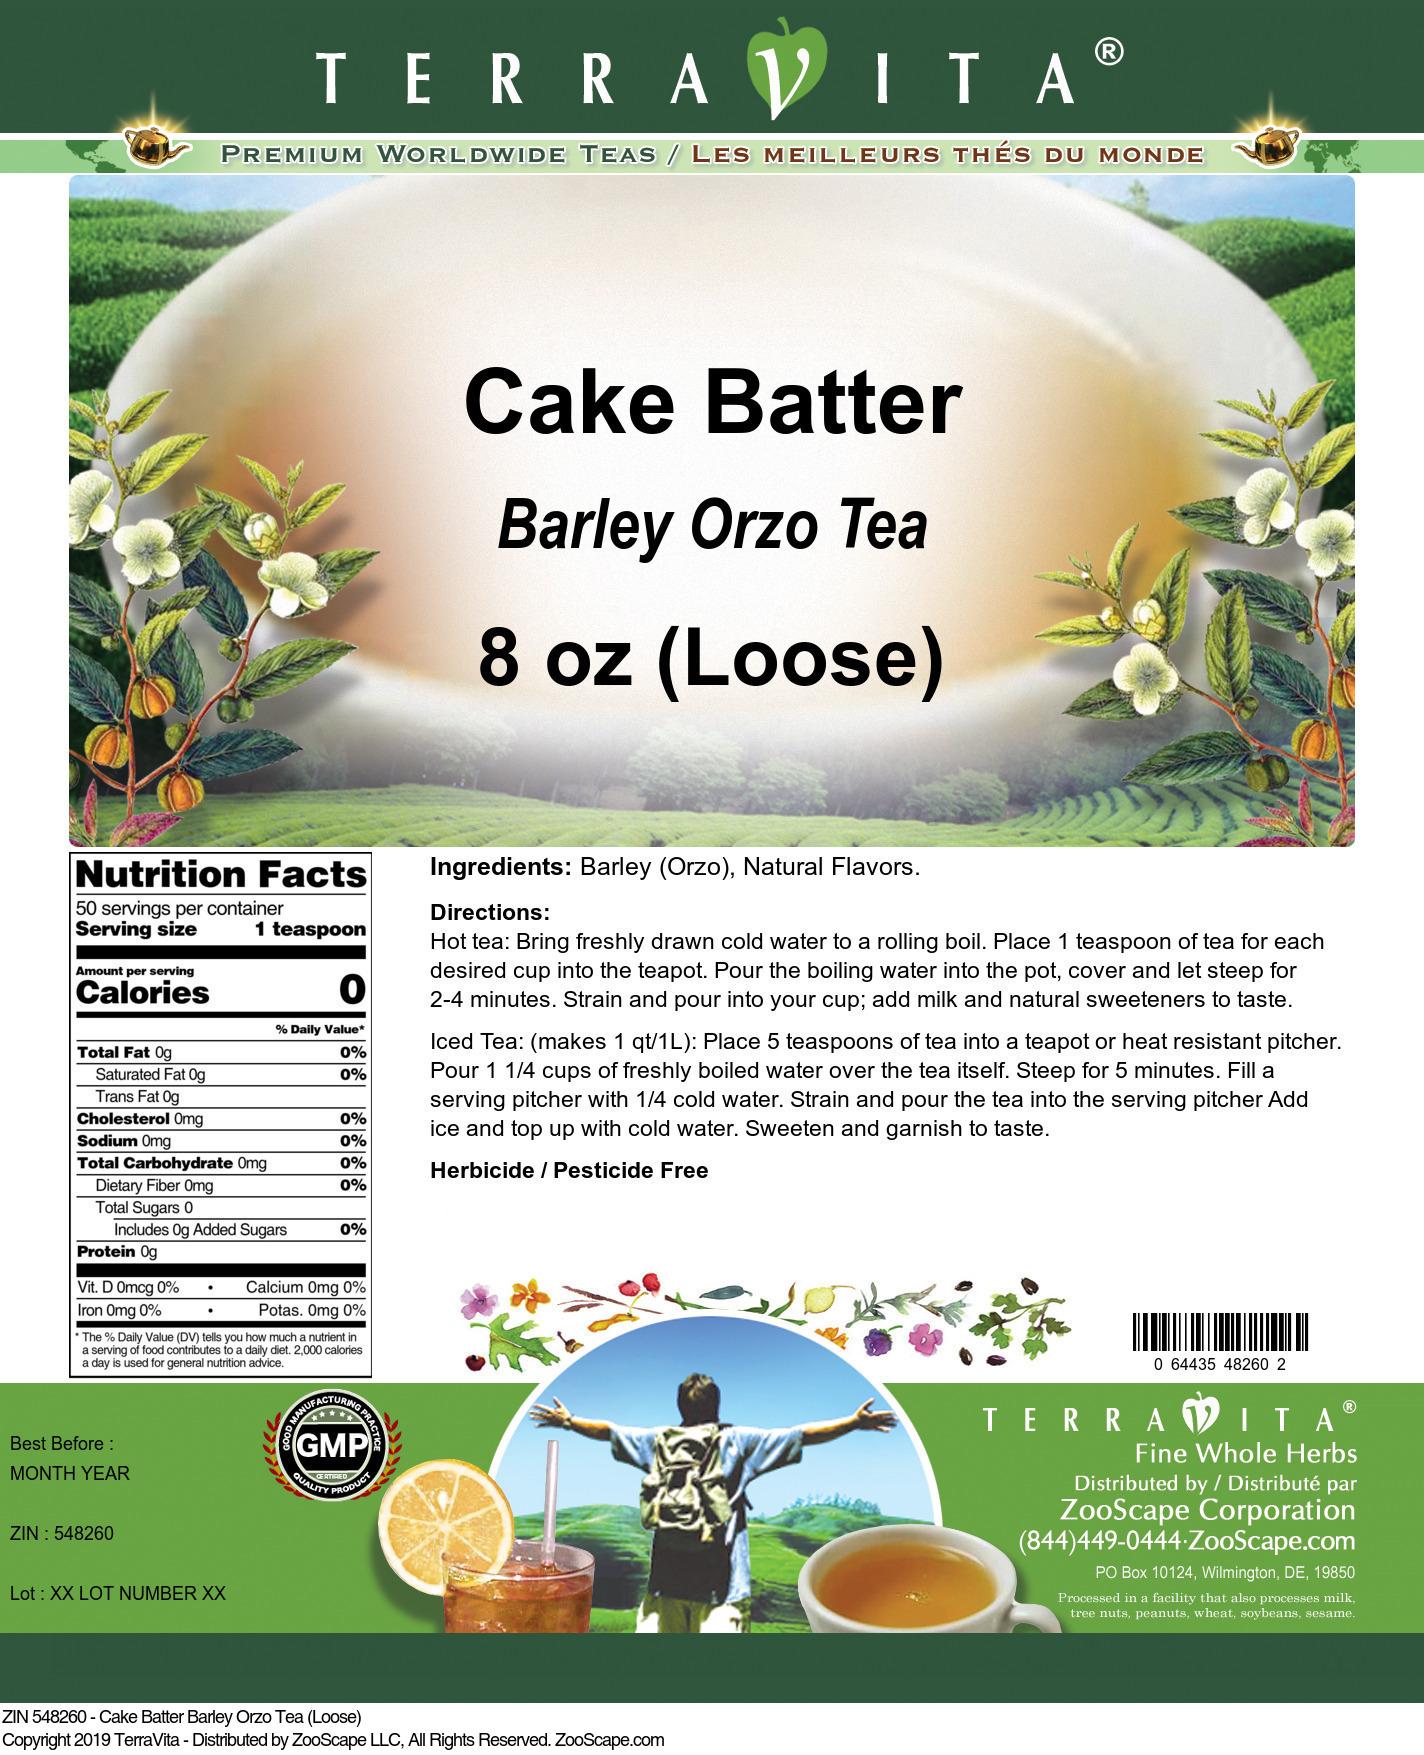 Cake Batter Barley Orzo Tea (Loose)